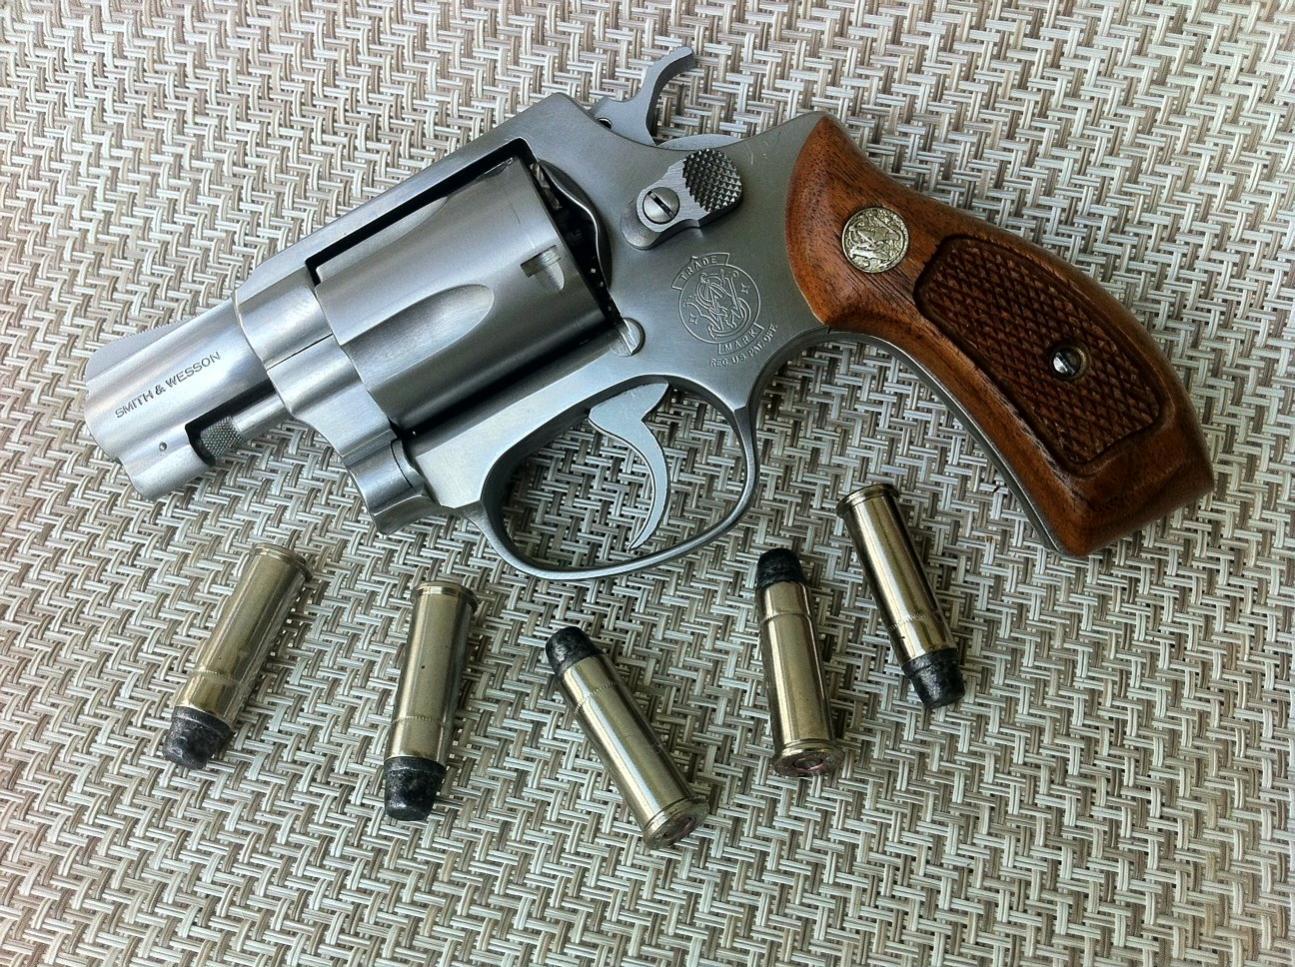 S&W Model 60